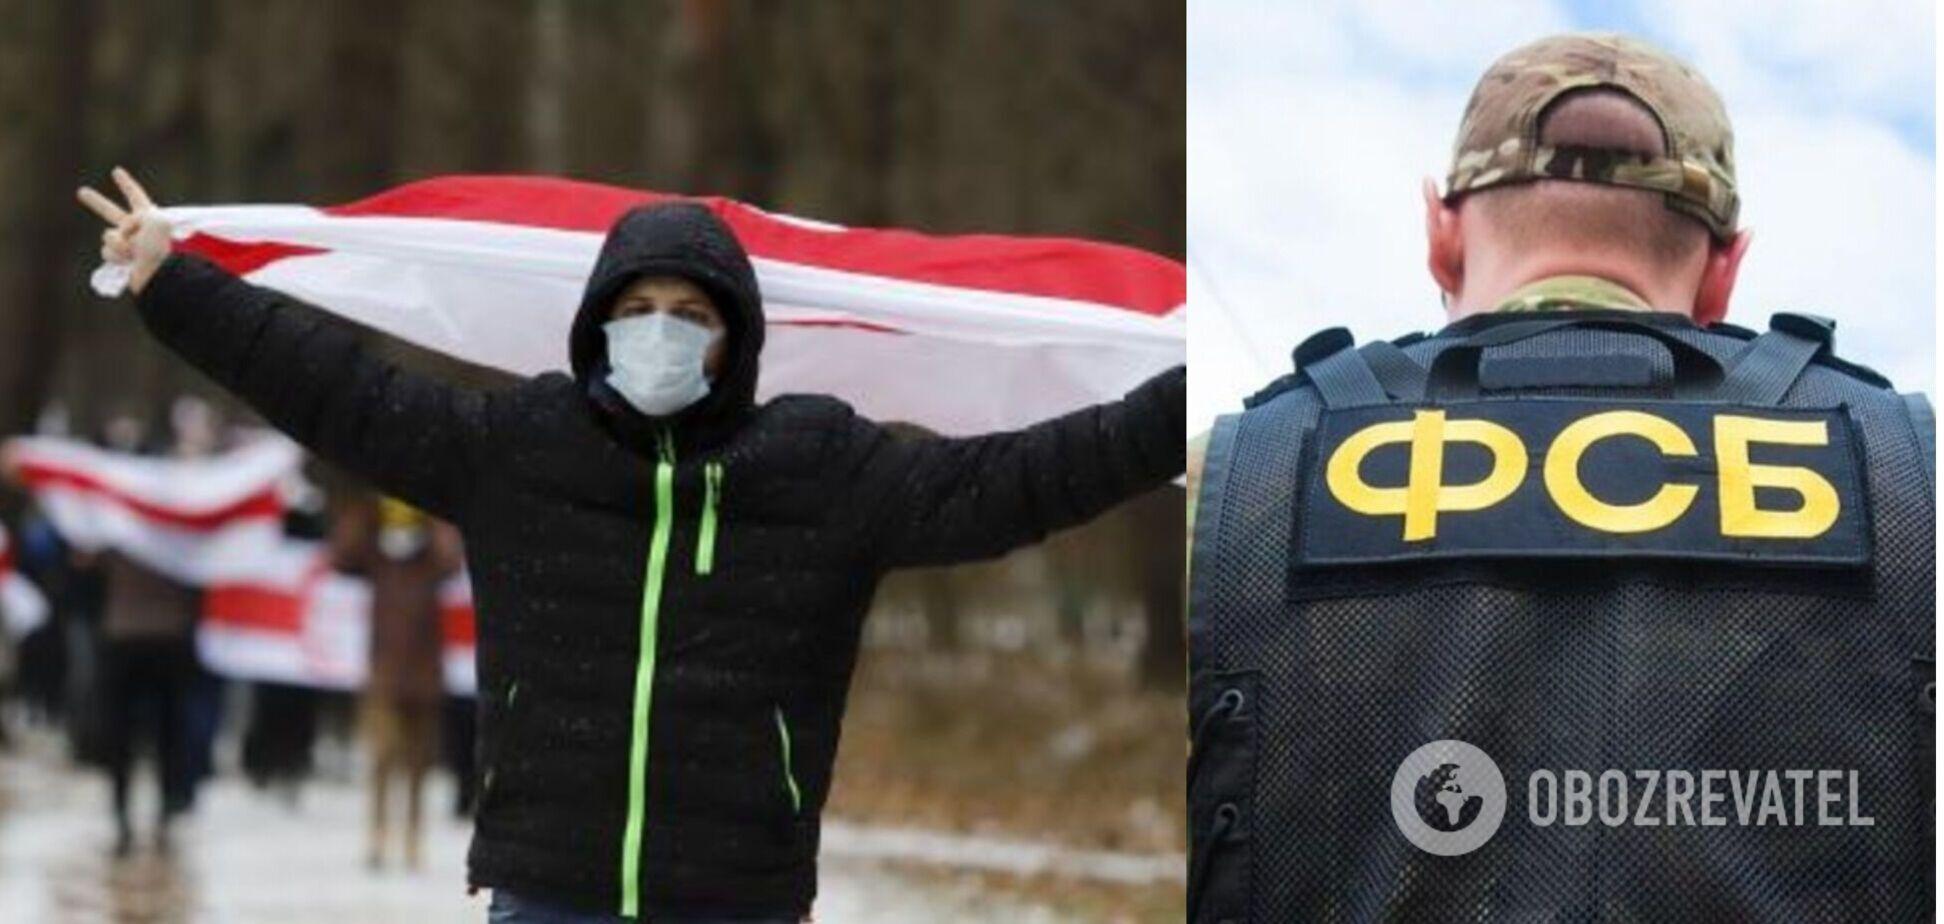 Агенты ФСБ в Украине: спецслужба нашла легкий путь вербовки